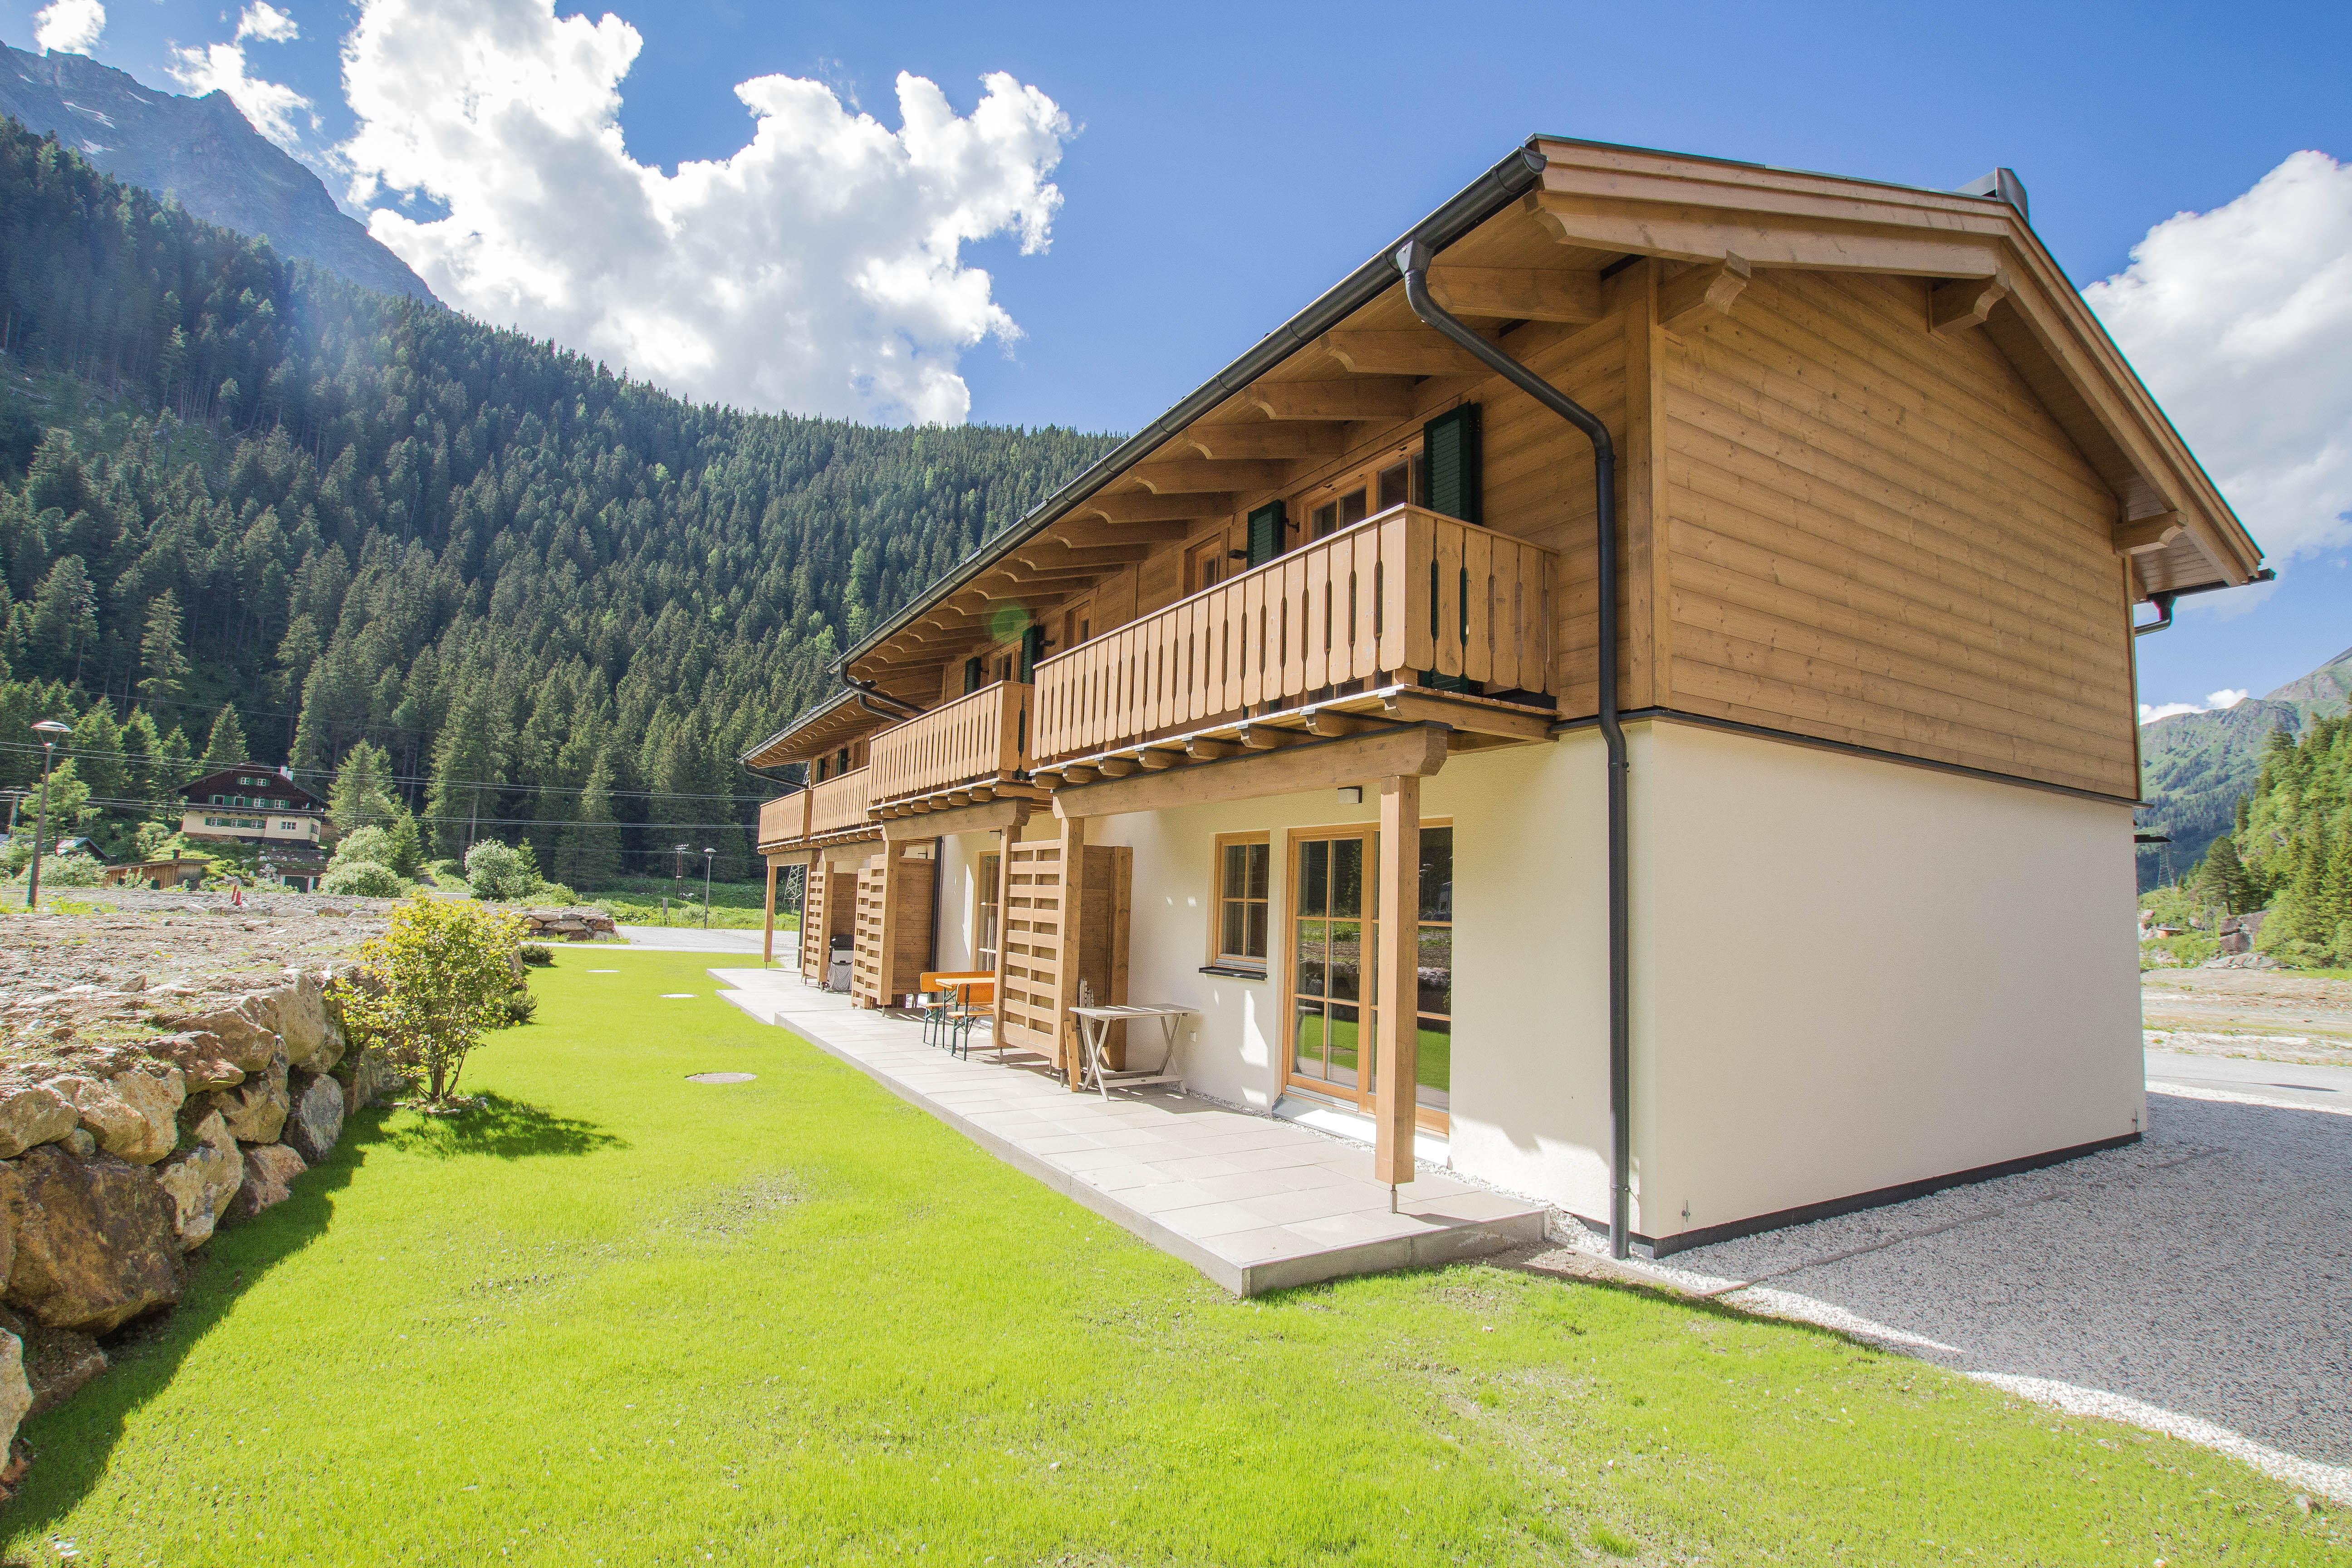 Maison de vacances Lodge Enzian direkt am Skilift (2050396), Uttendorf, Pinzgau, Salzbourg, Autriche, image 36